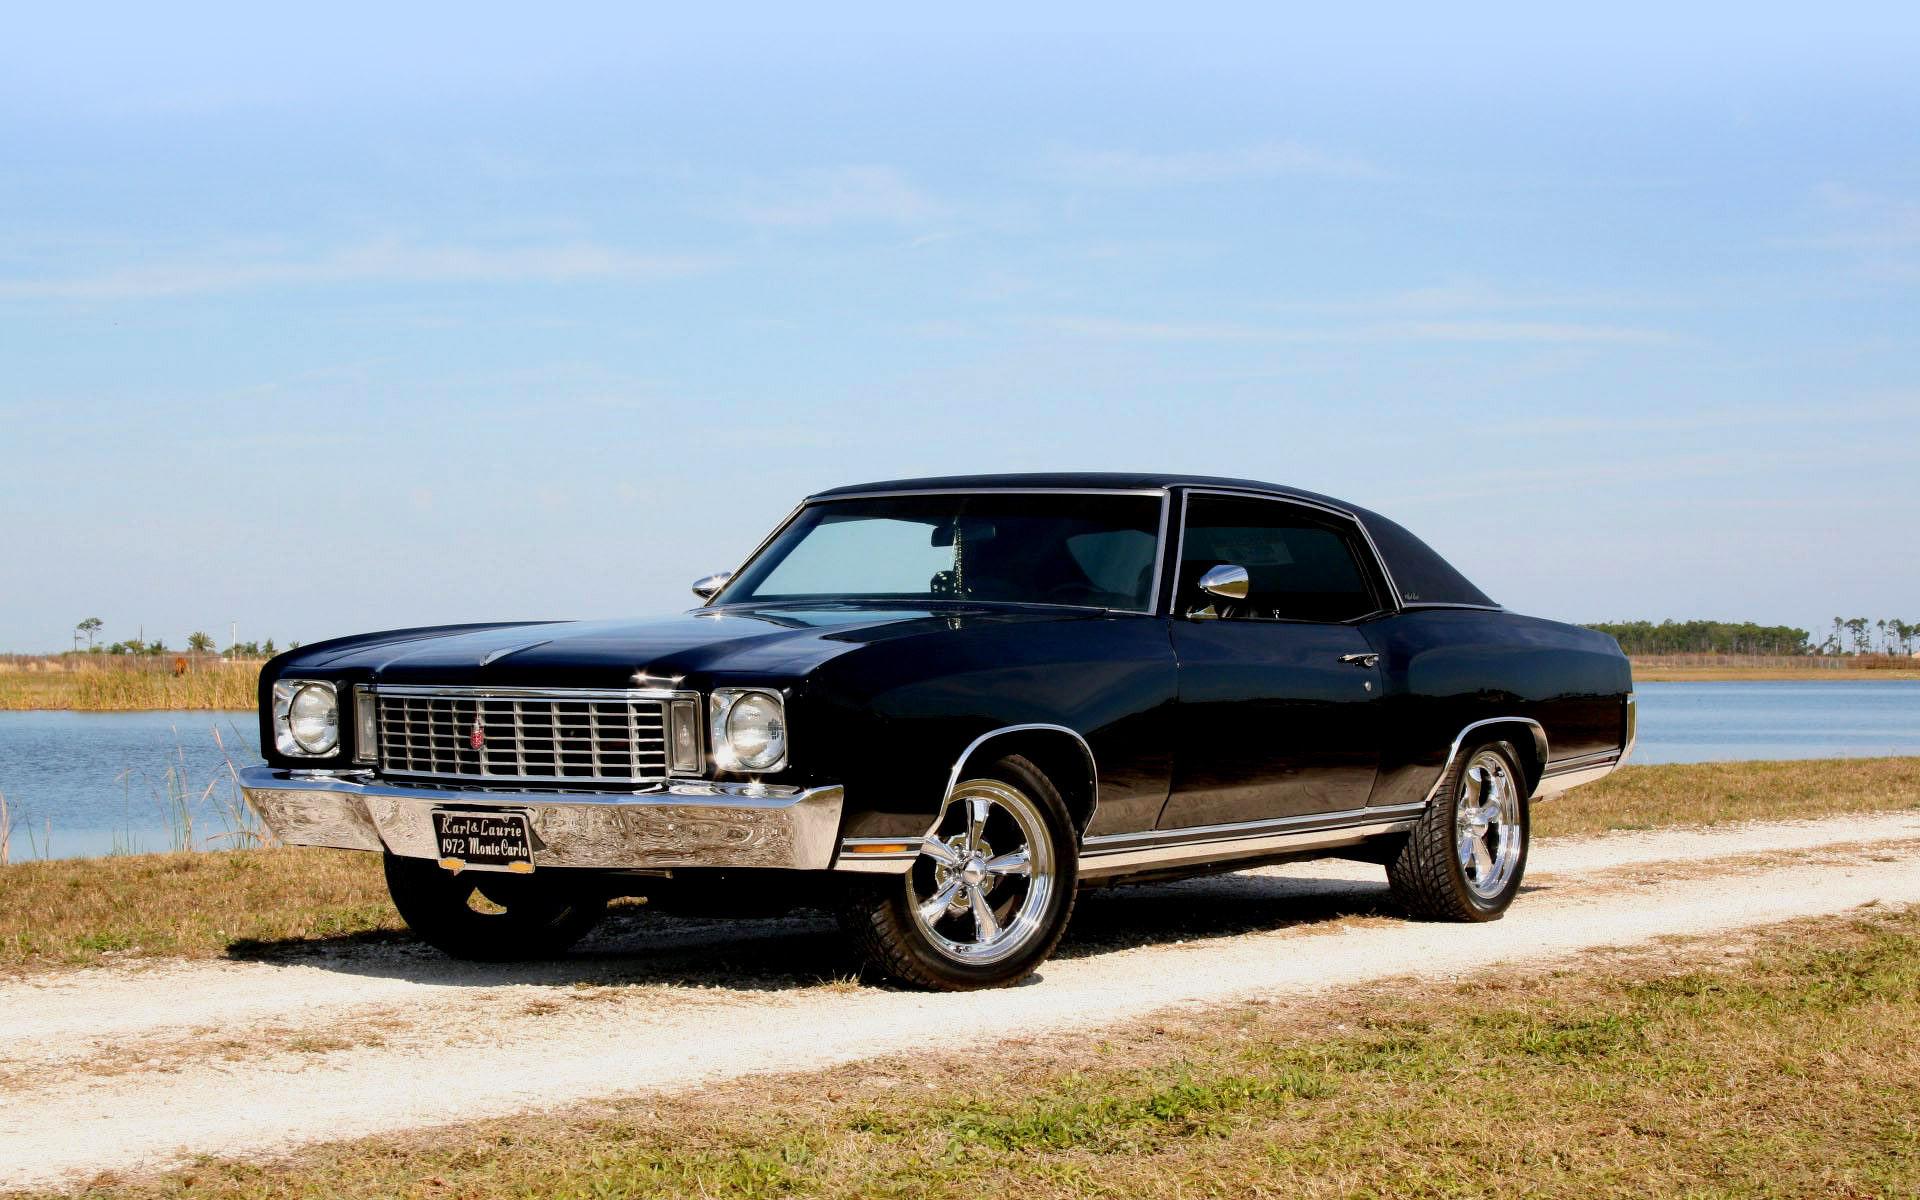 18185 скачать обои Транспорт, Машины, Шевроле (Chevrolet) - заставки и картинки бесплатно